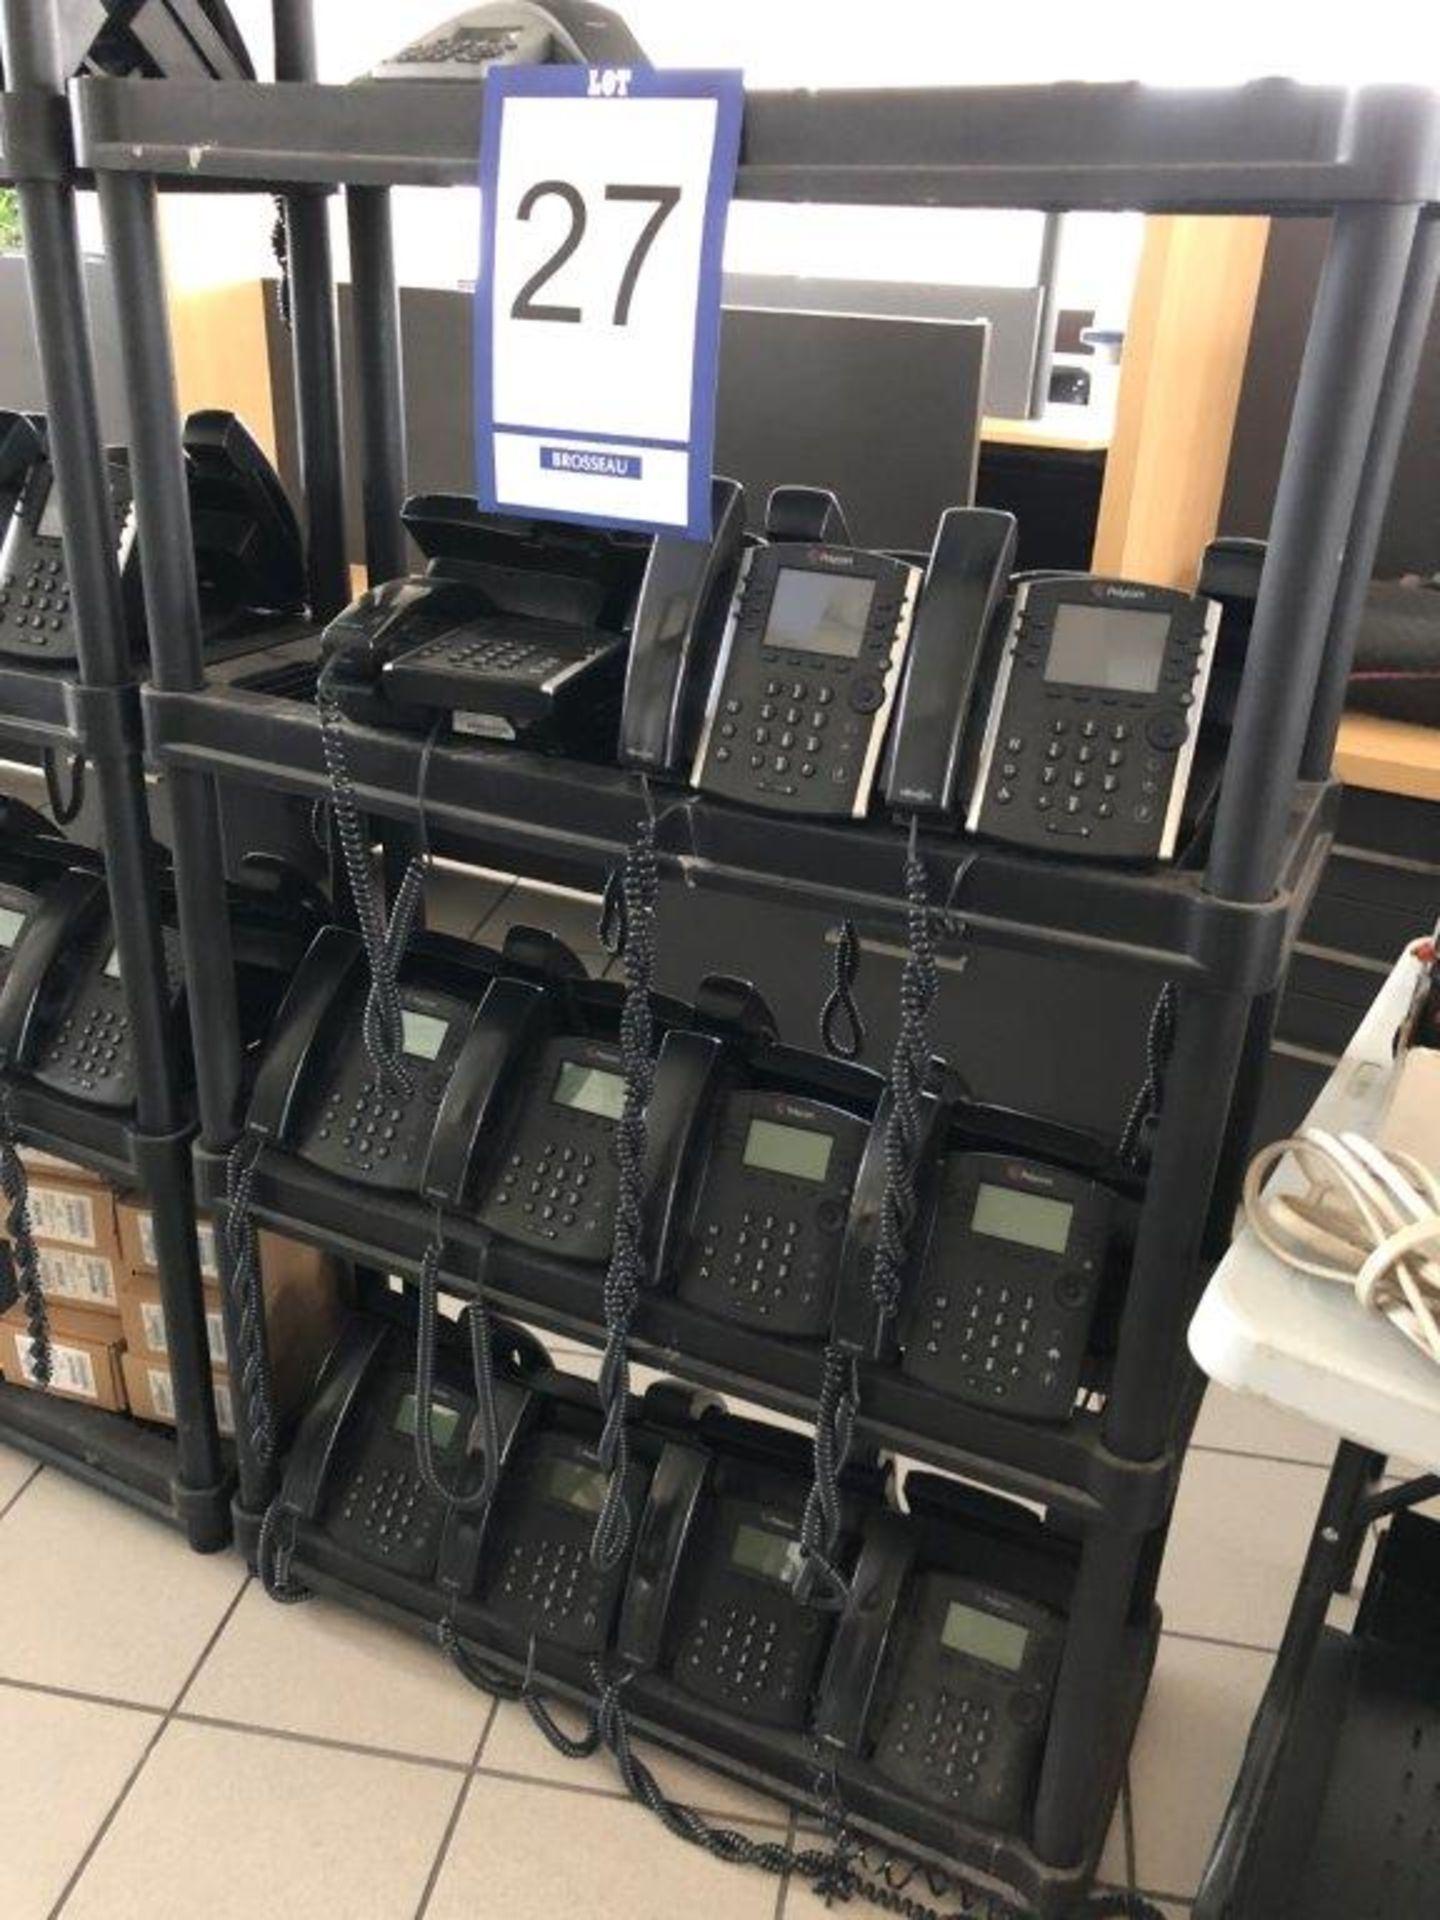 Lot 27 - Lot: étagère avec 22 appareils téléphoniques POLYCOM et téléphone de conférence